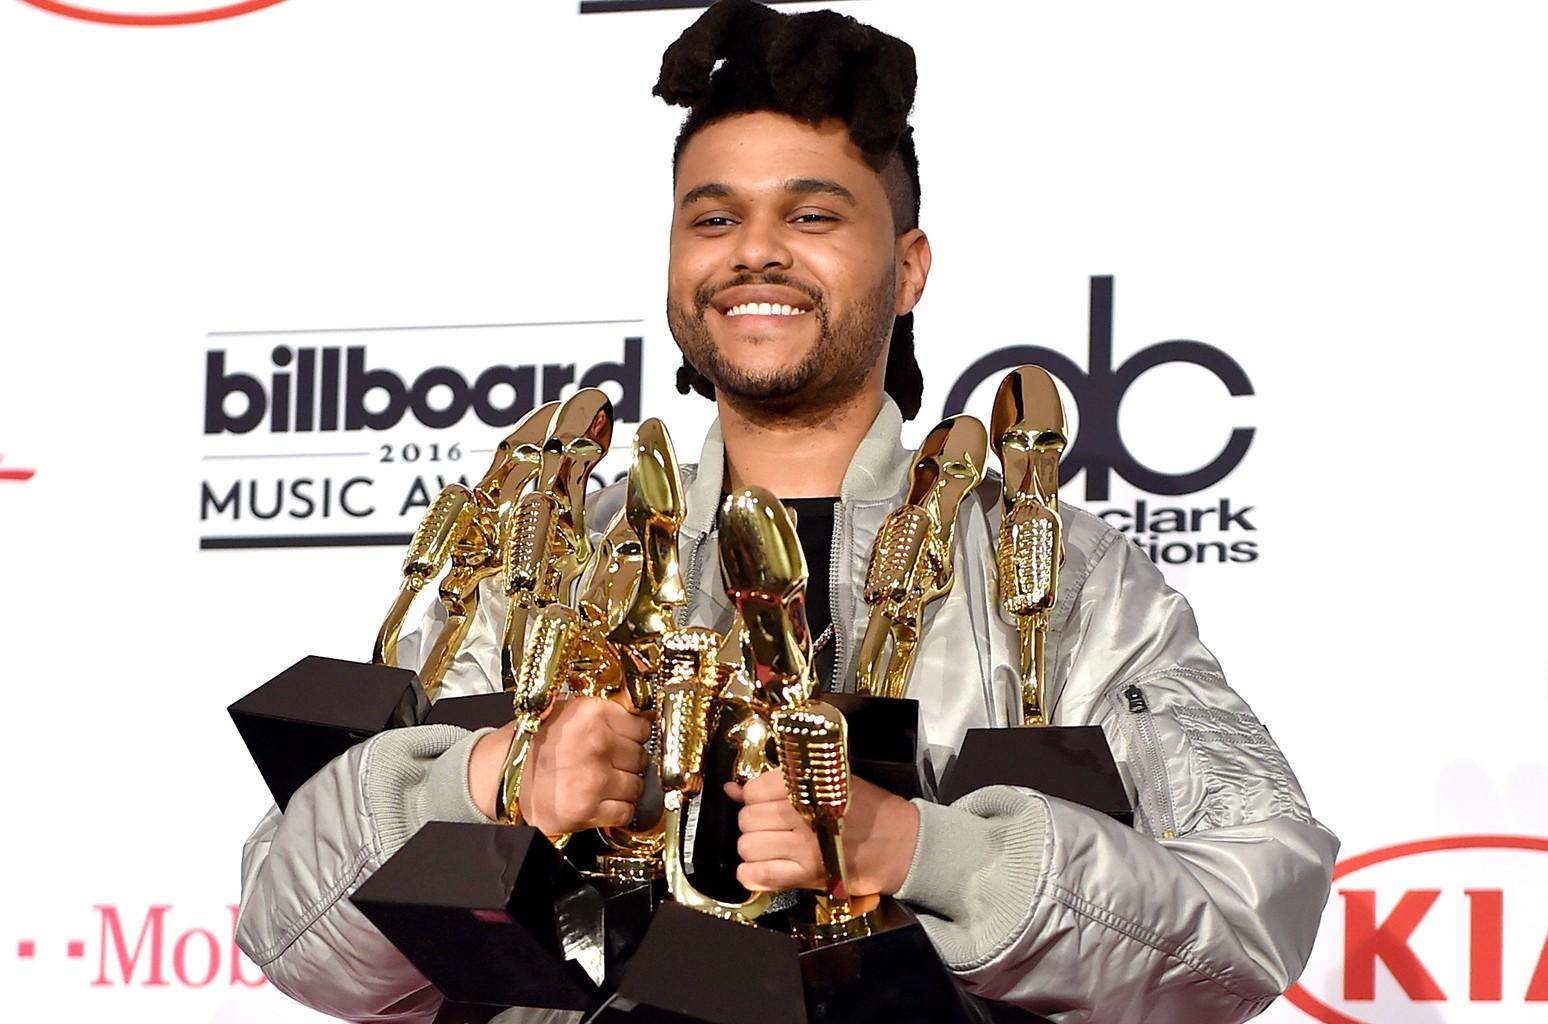 Billboard Music Awards Winners List 2016 Billboard Billboard